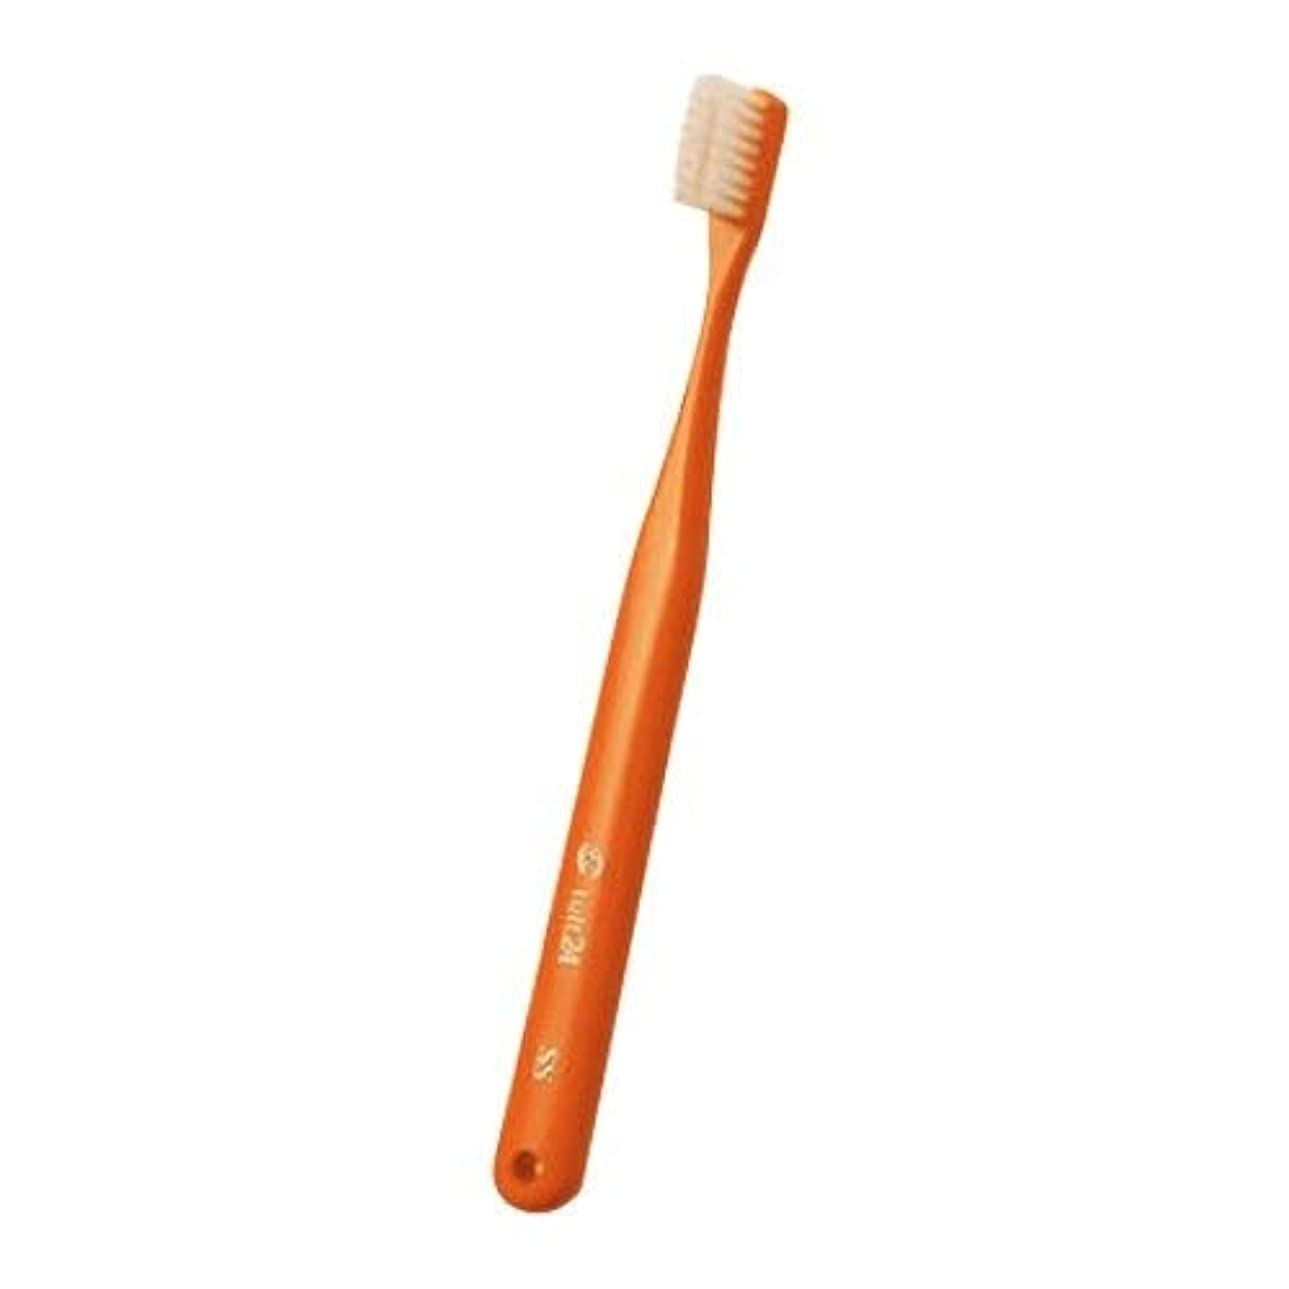 オーラルケア キャップ付き タフト 24 歯ブラシ スーパーソフト 1本 (オレンジ)